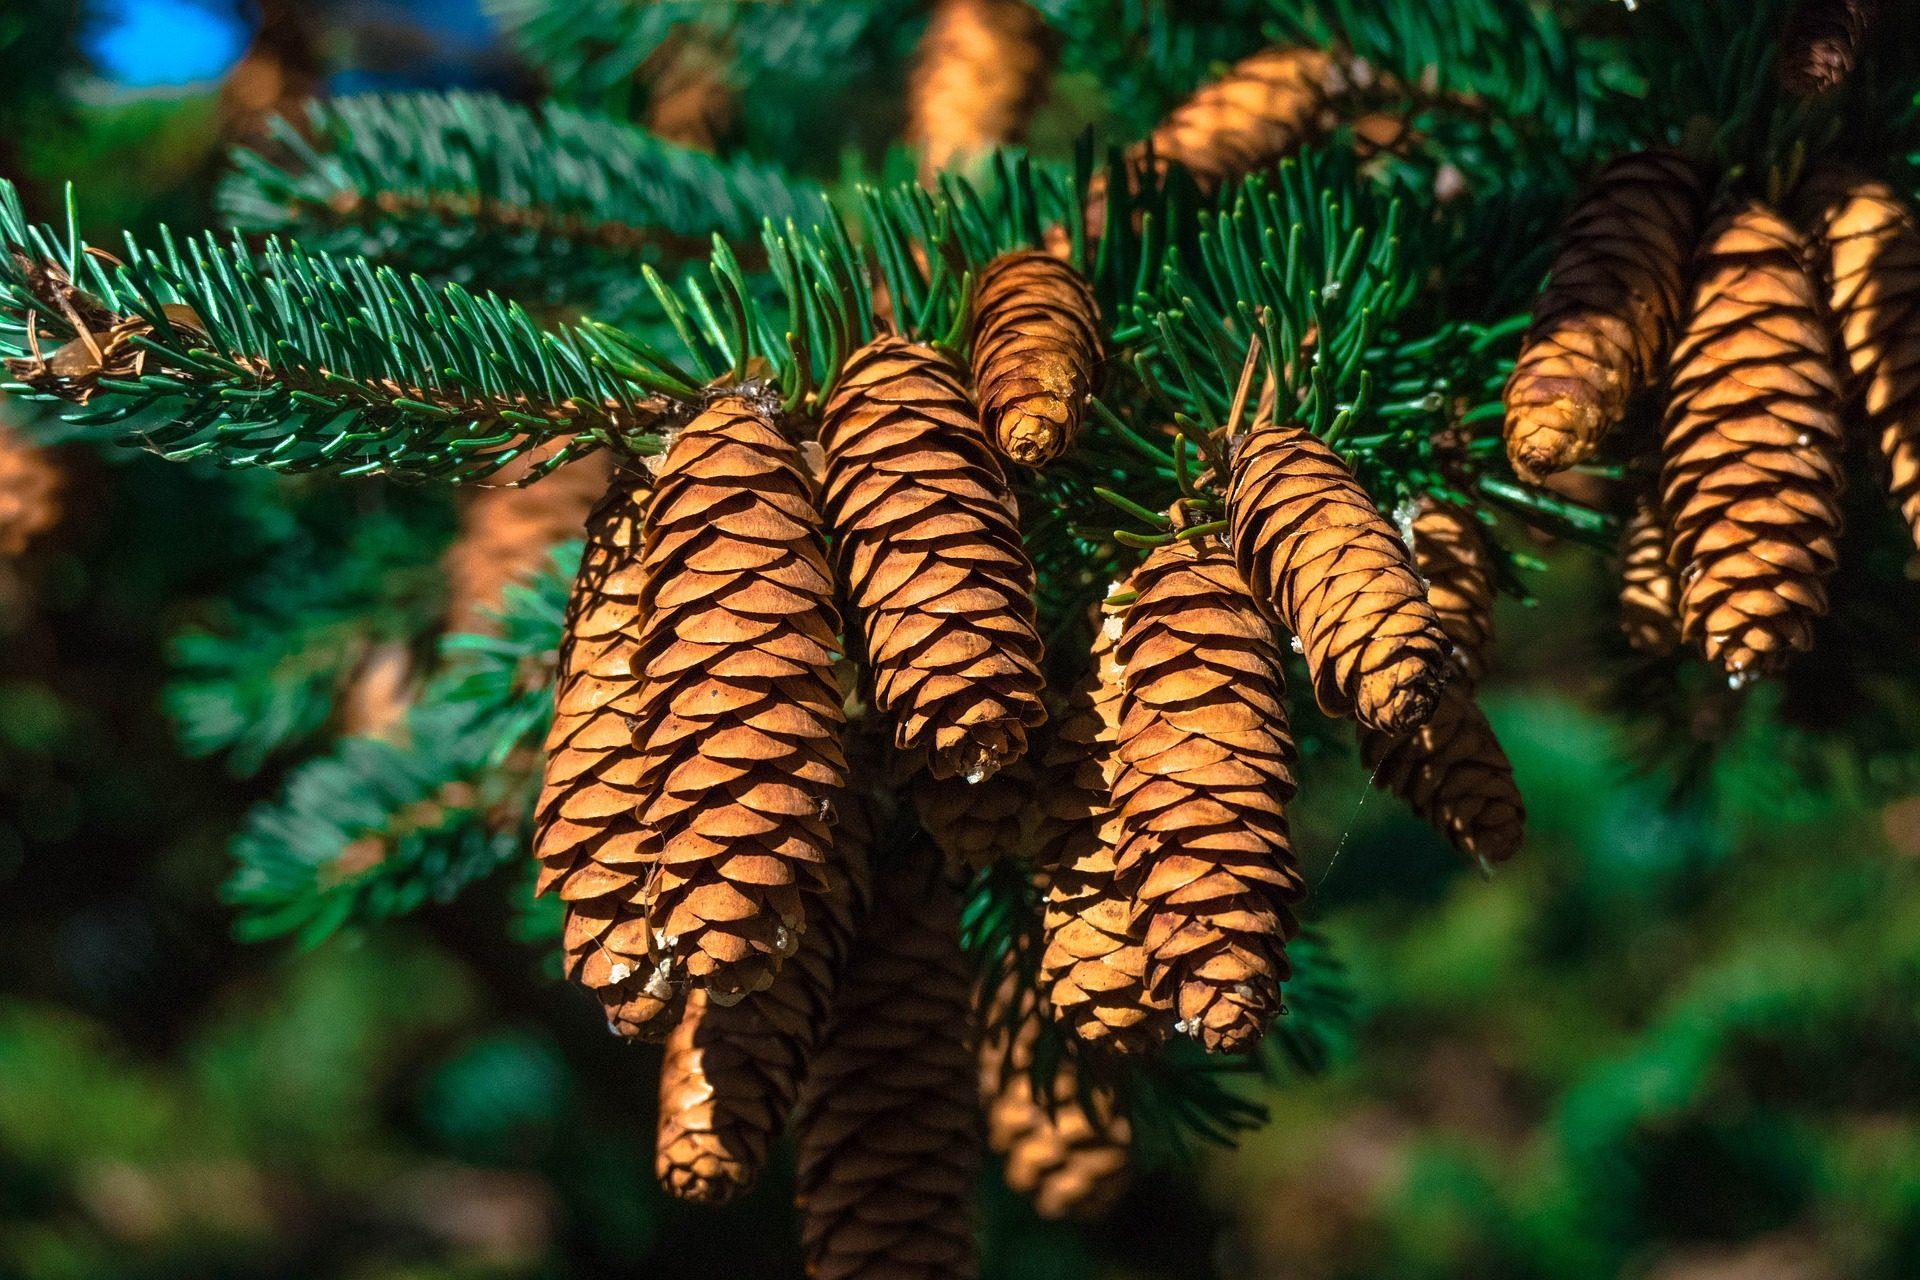 باين, piñas, piñones, النباتات, الأشجار - خلفيات عالية الدقة - أستاذ falken.com